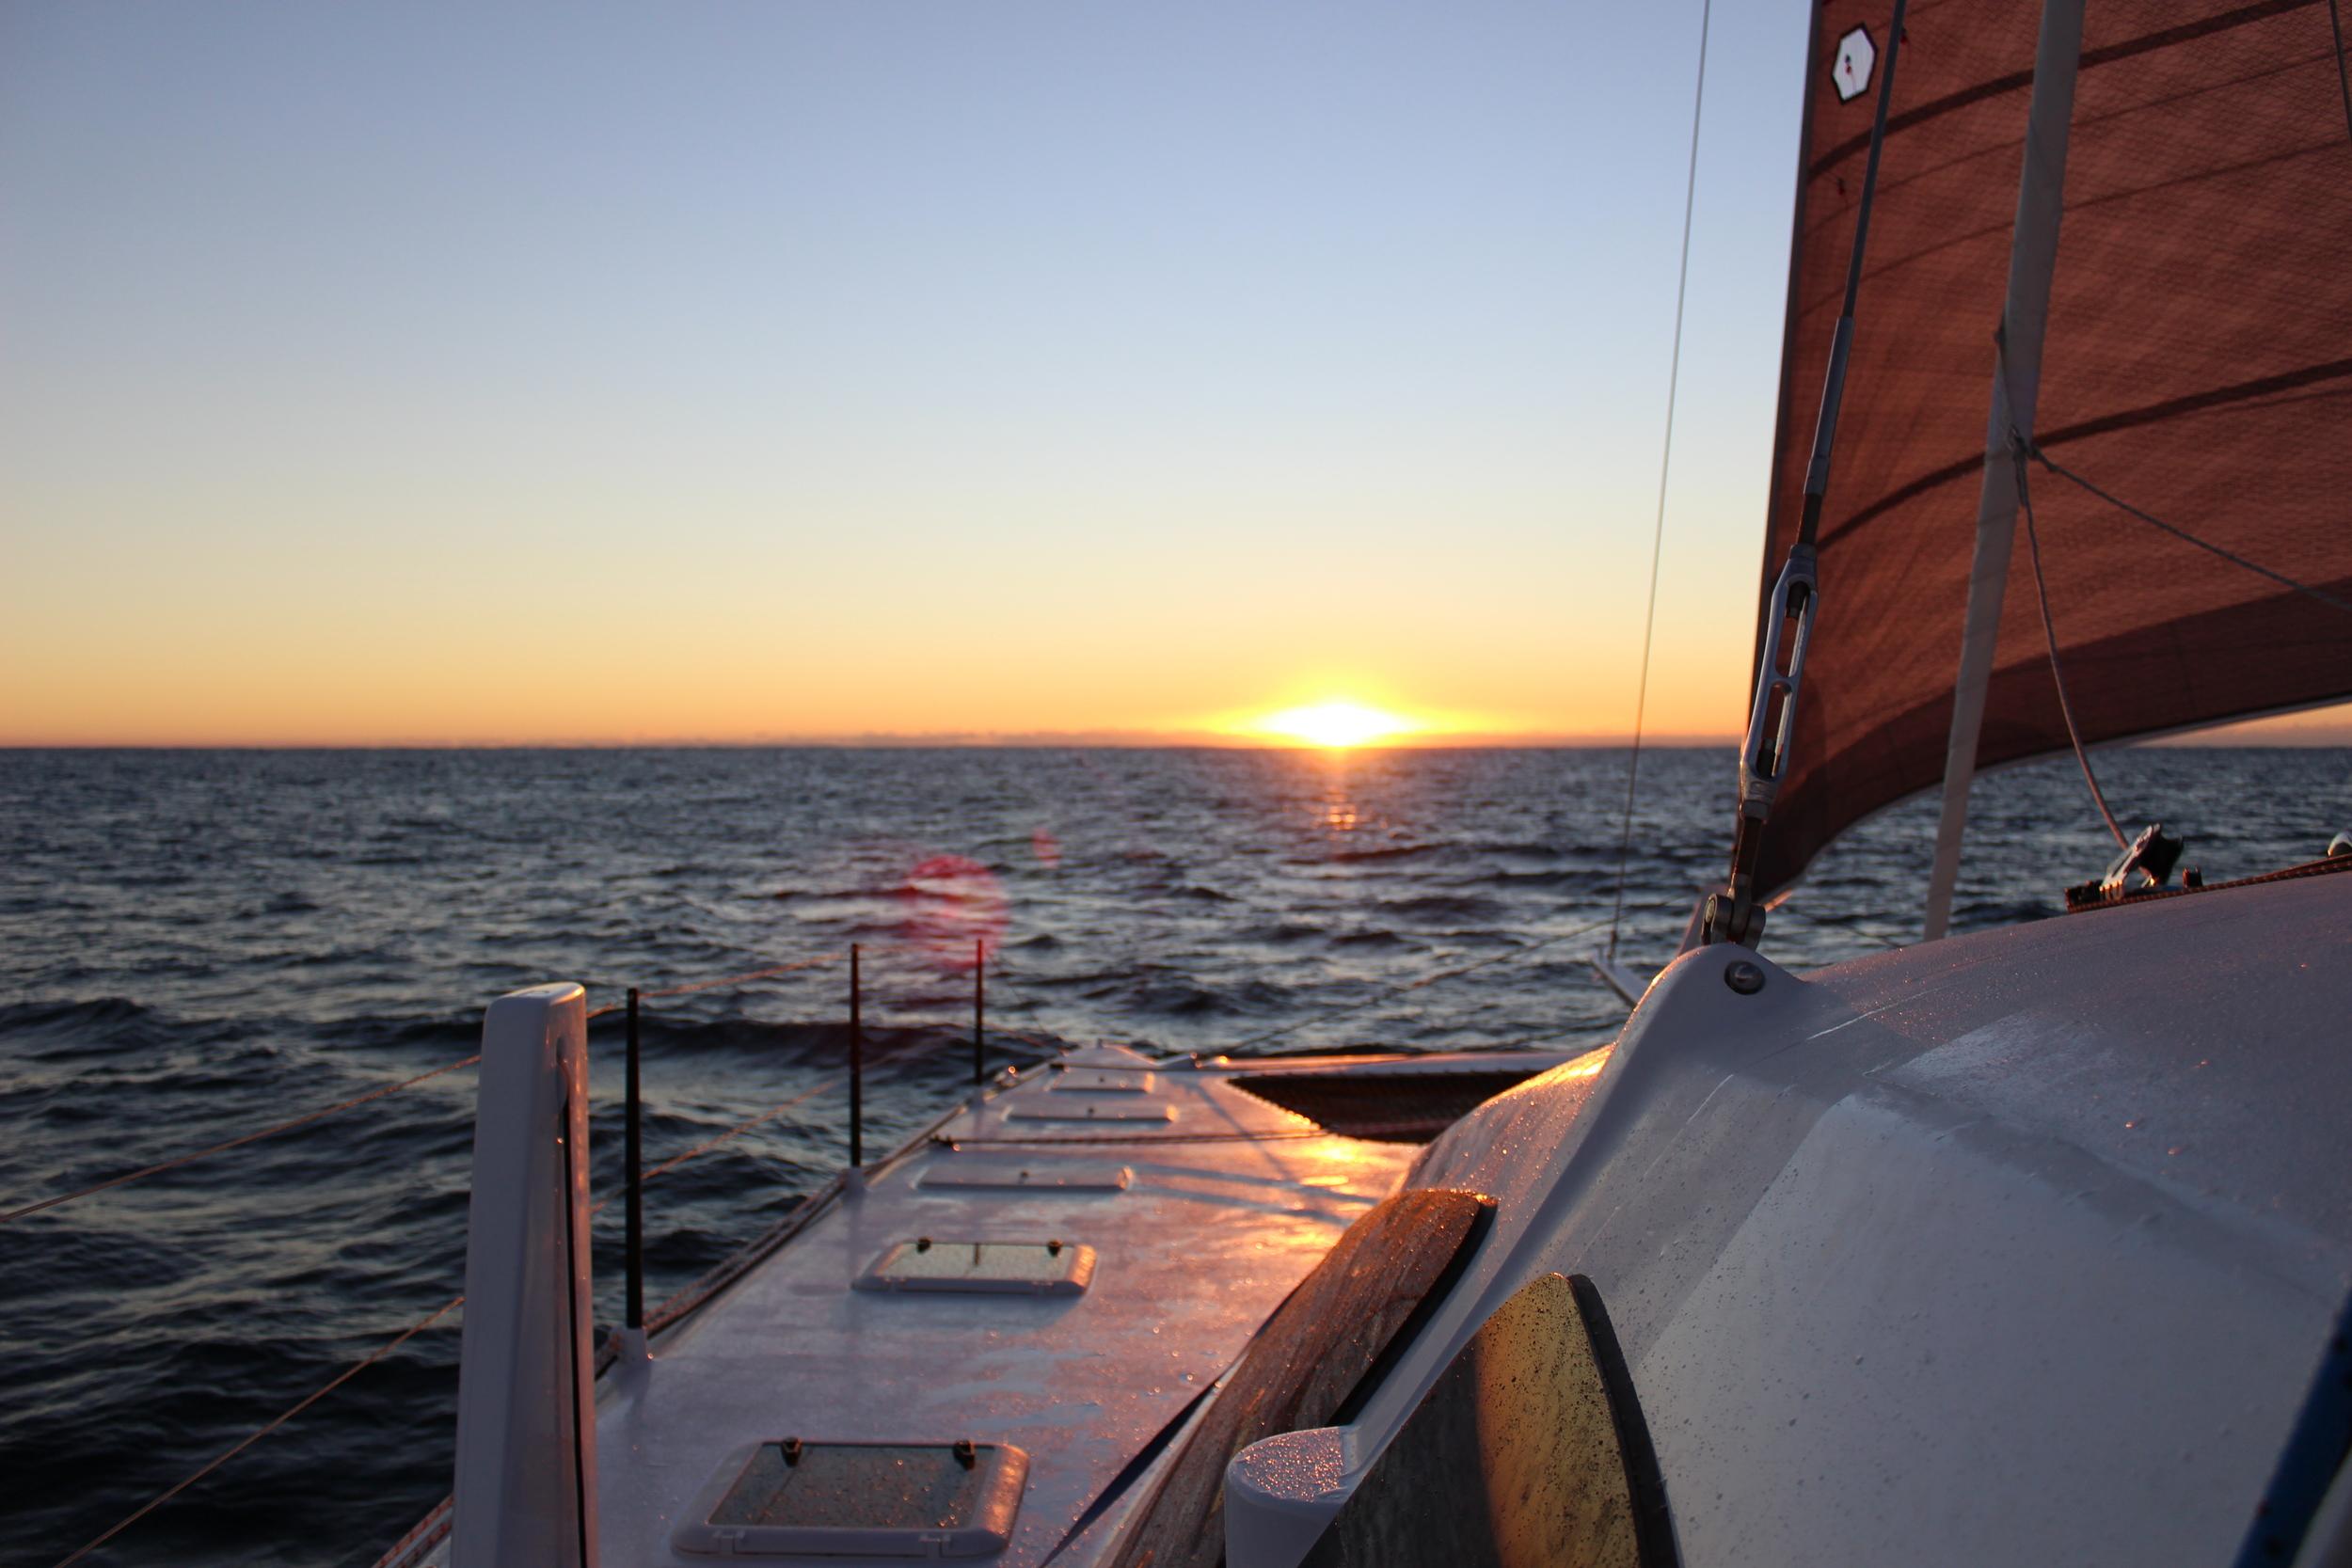 Sailing off the Australian Coast into the sunrise.